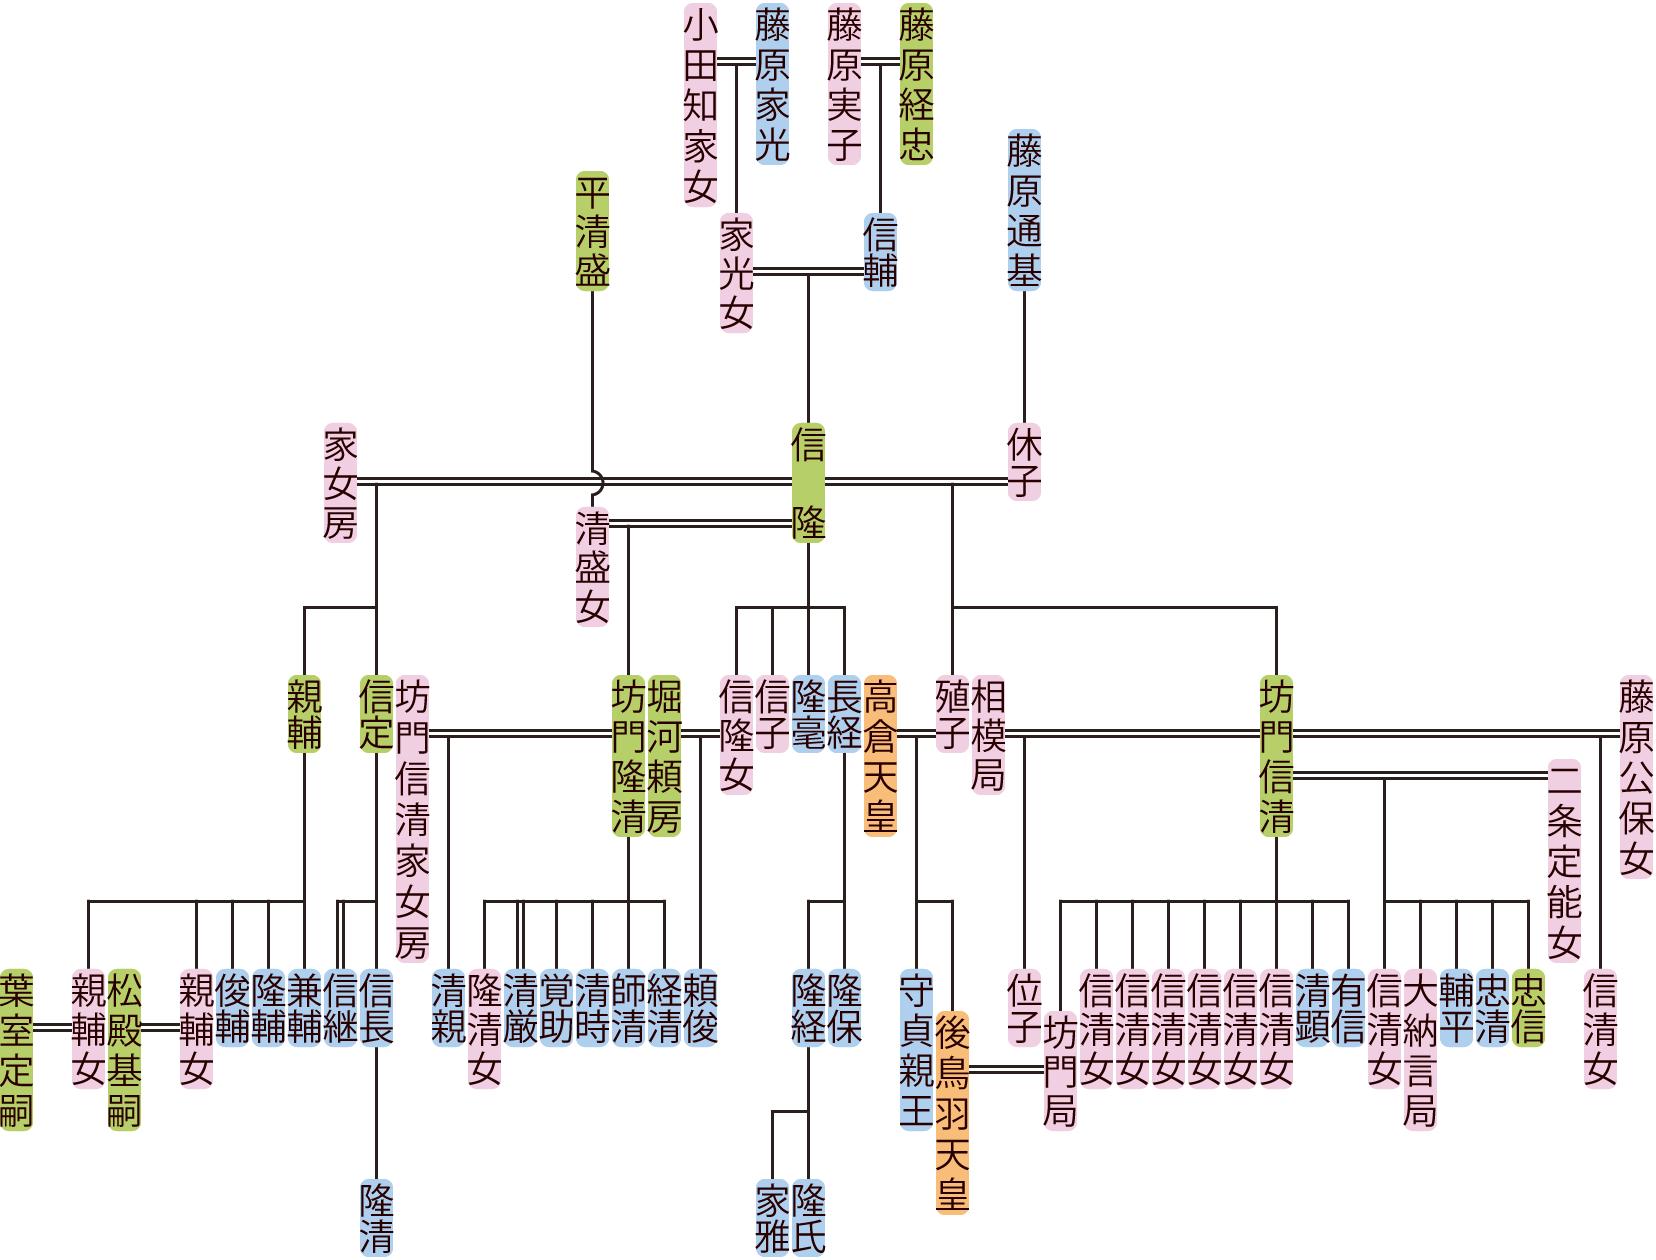 藤原信隆の系図